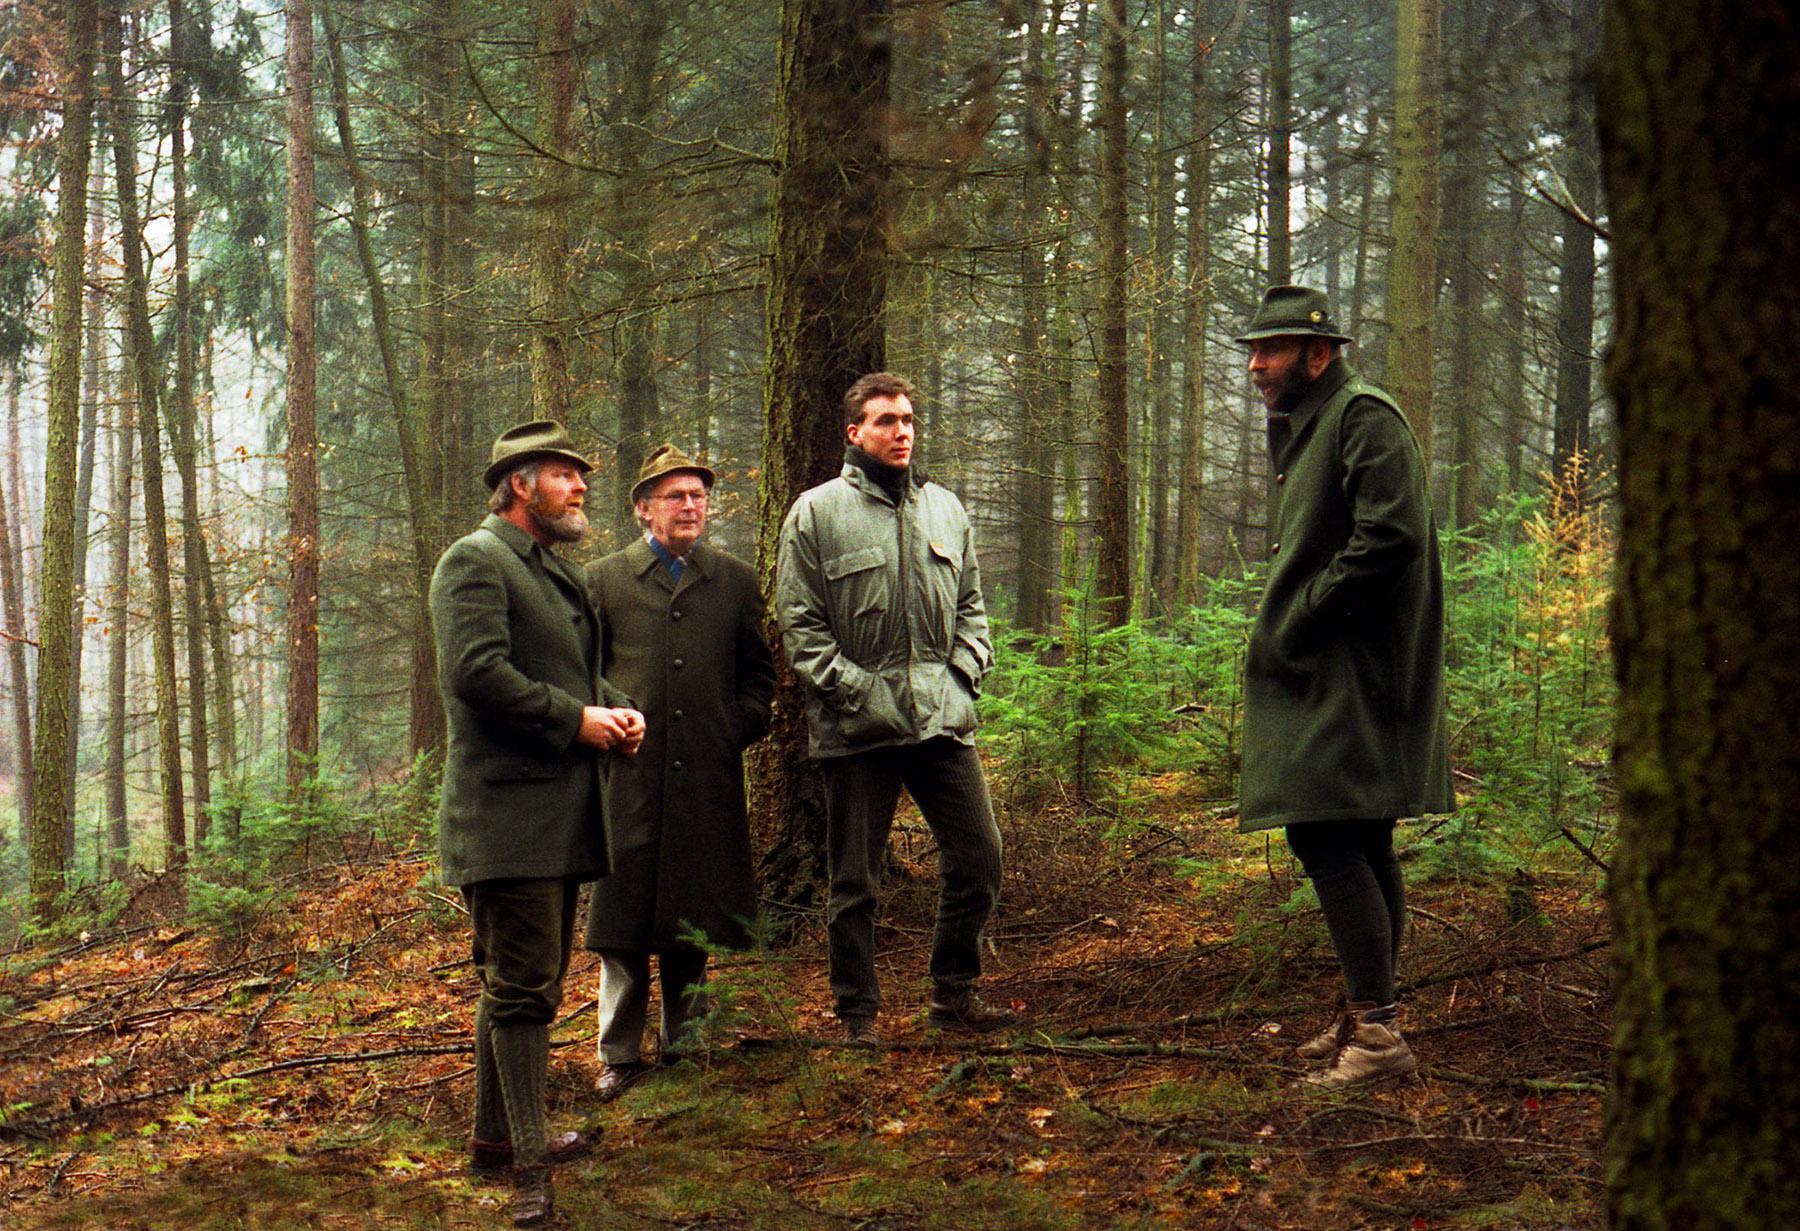 Daarna gaan we het bos in, waar boswachter Herman Linde het allemaal wat duidelijker belicht - Foto: ©JGS/Koen Huppelschoten